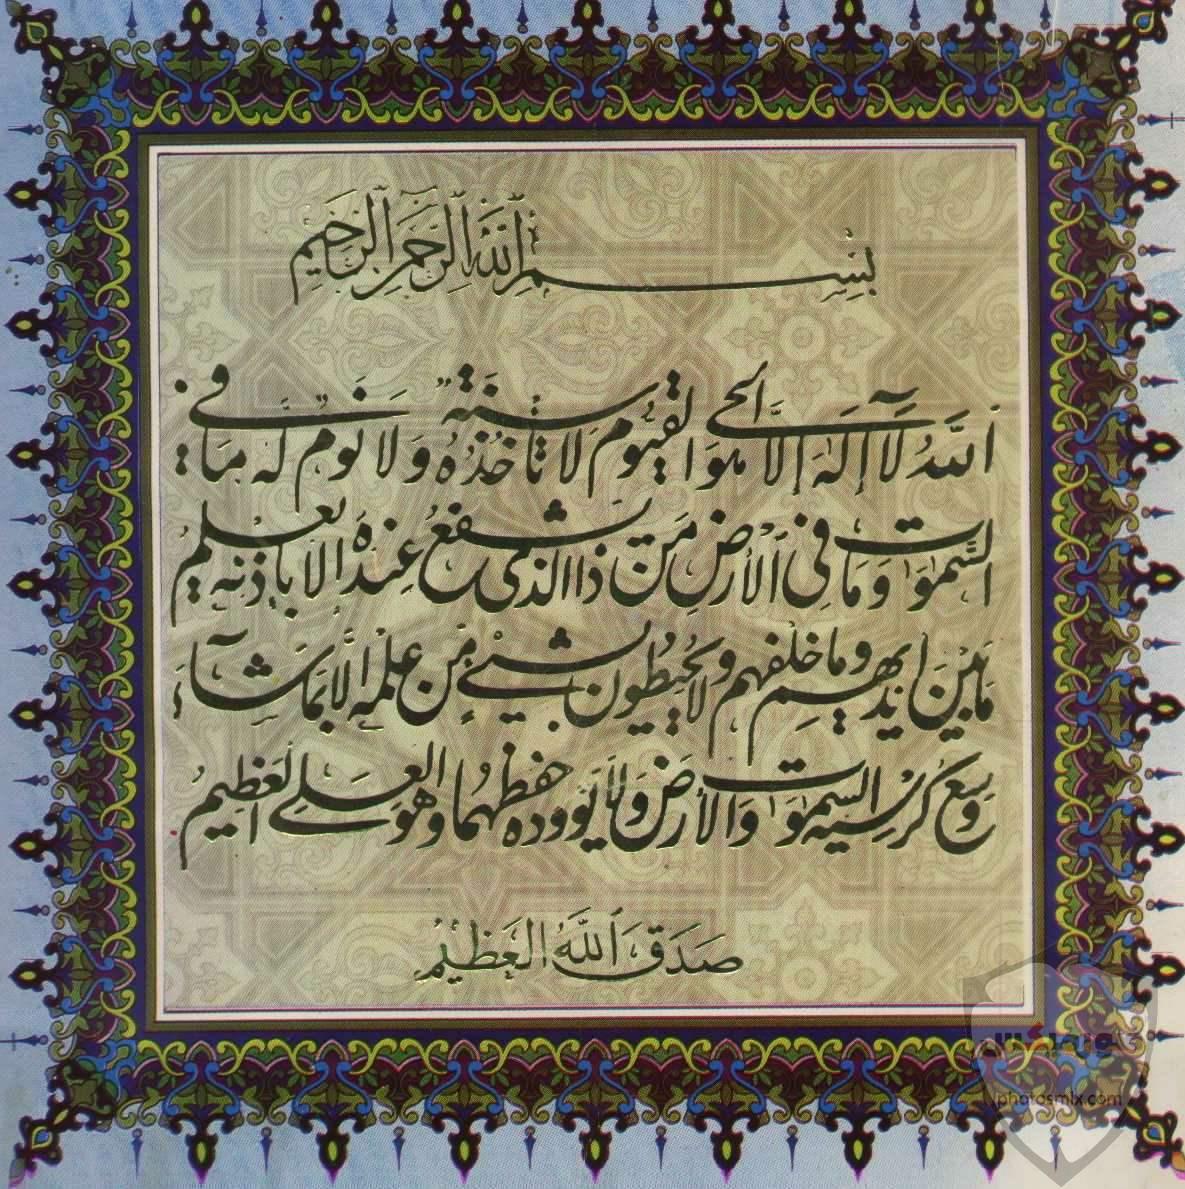 صور قرآن جميلة صور دعاء ادعية مصور صور وخلفيات مكتوب عليها الله 16